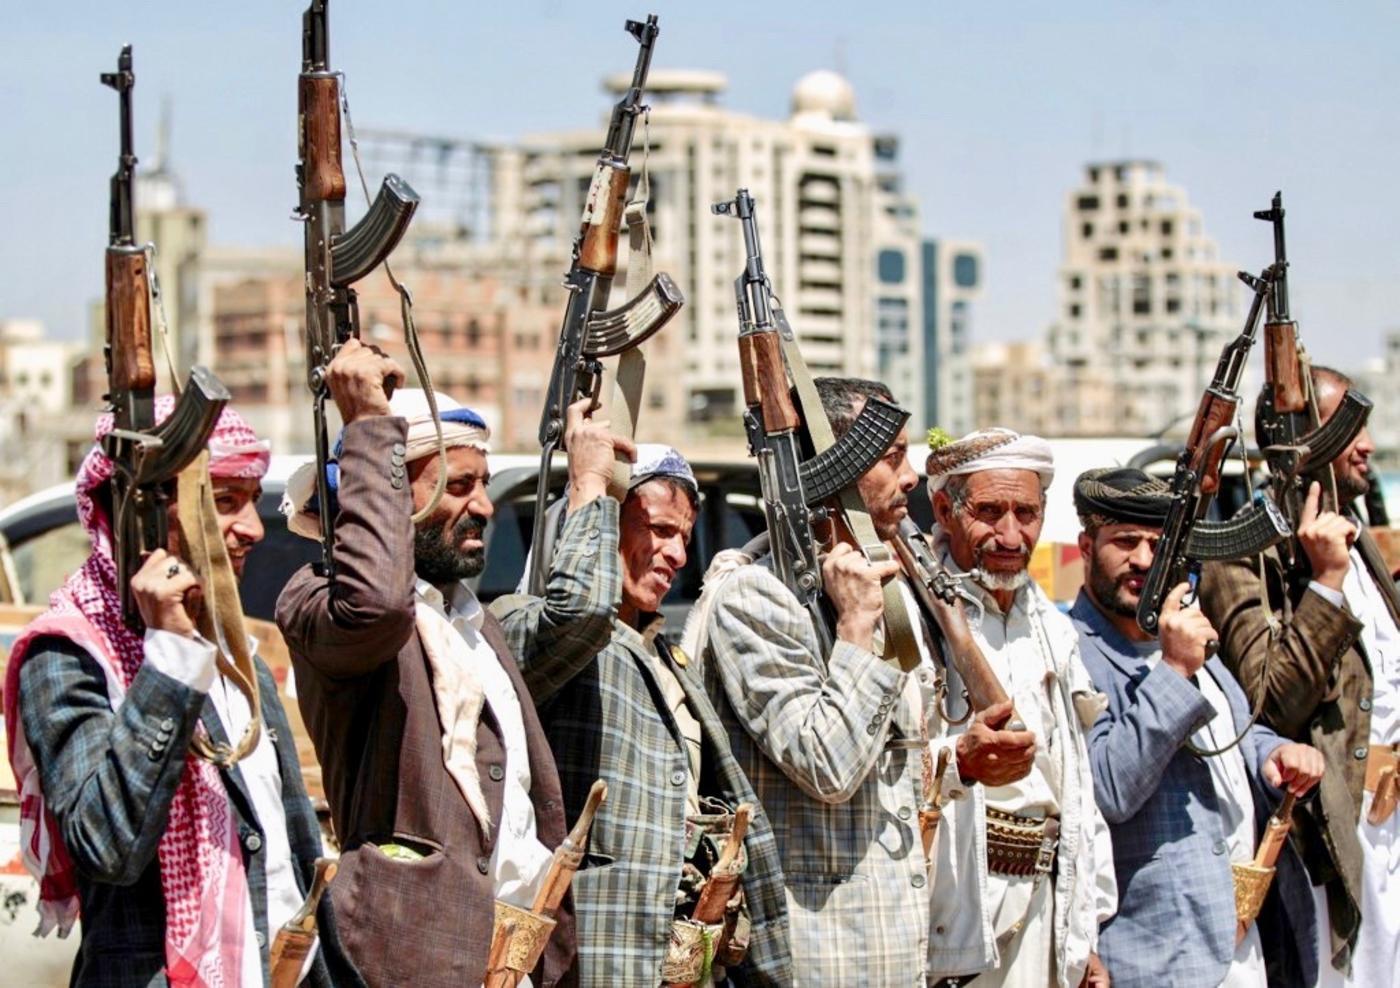 ZVANIČNA OBJAVA STATE DEPARTMENTA: Proiranski pokret jemenskih Houtha bit će proglašen terorističkom organizacijom, a njegovi lideri okvalifikovani kao 'posebno označeni globalni teroristi'